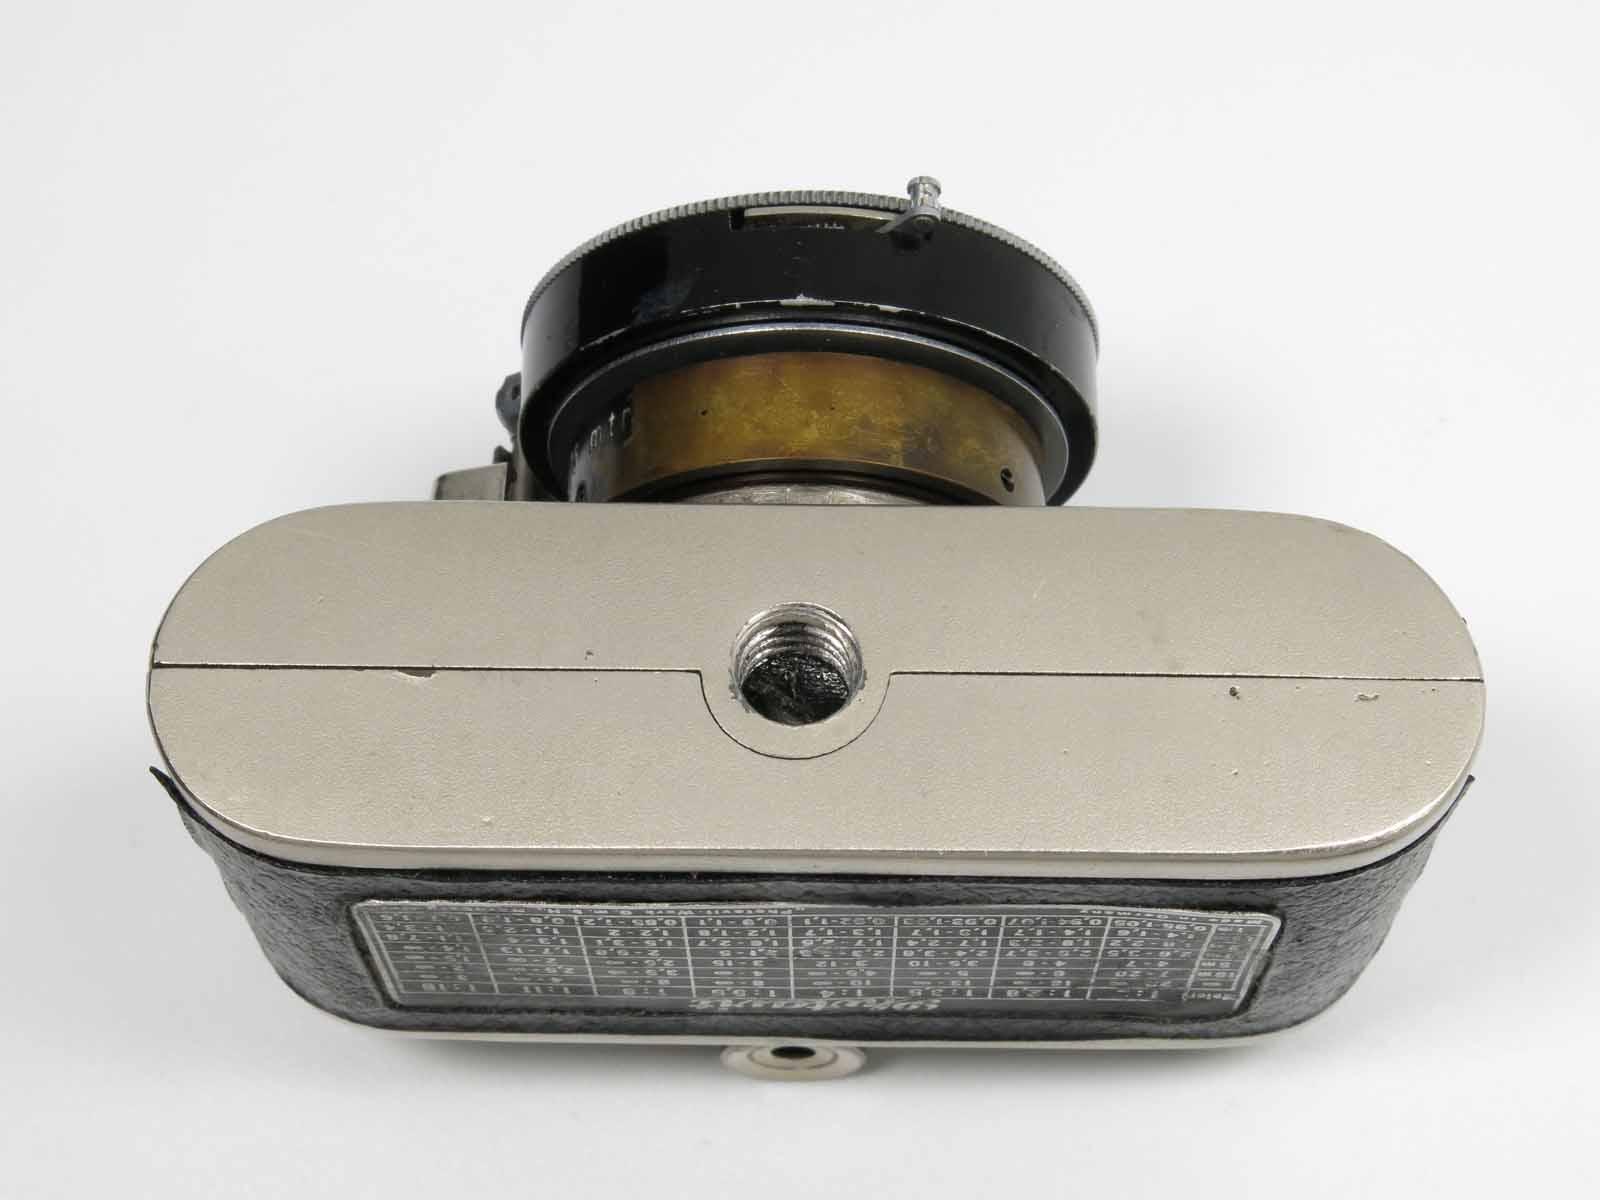 clean-cameras-Photavit-06